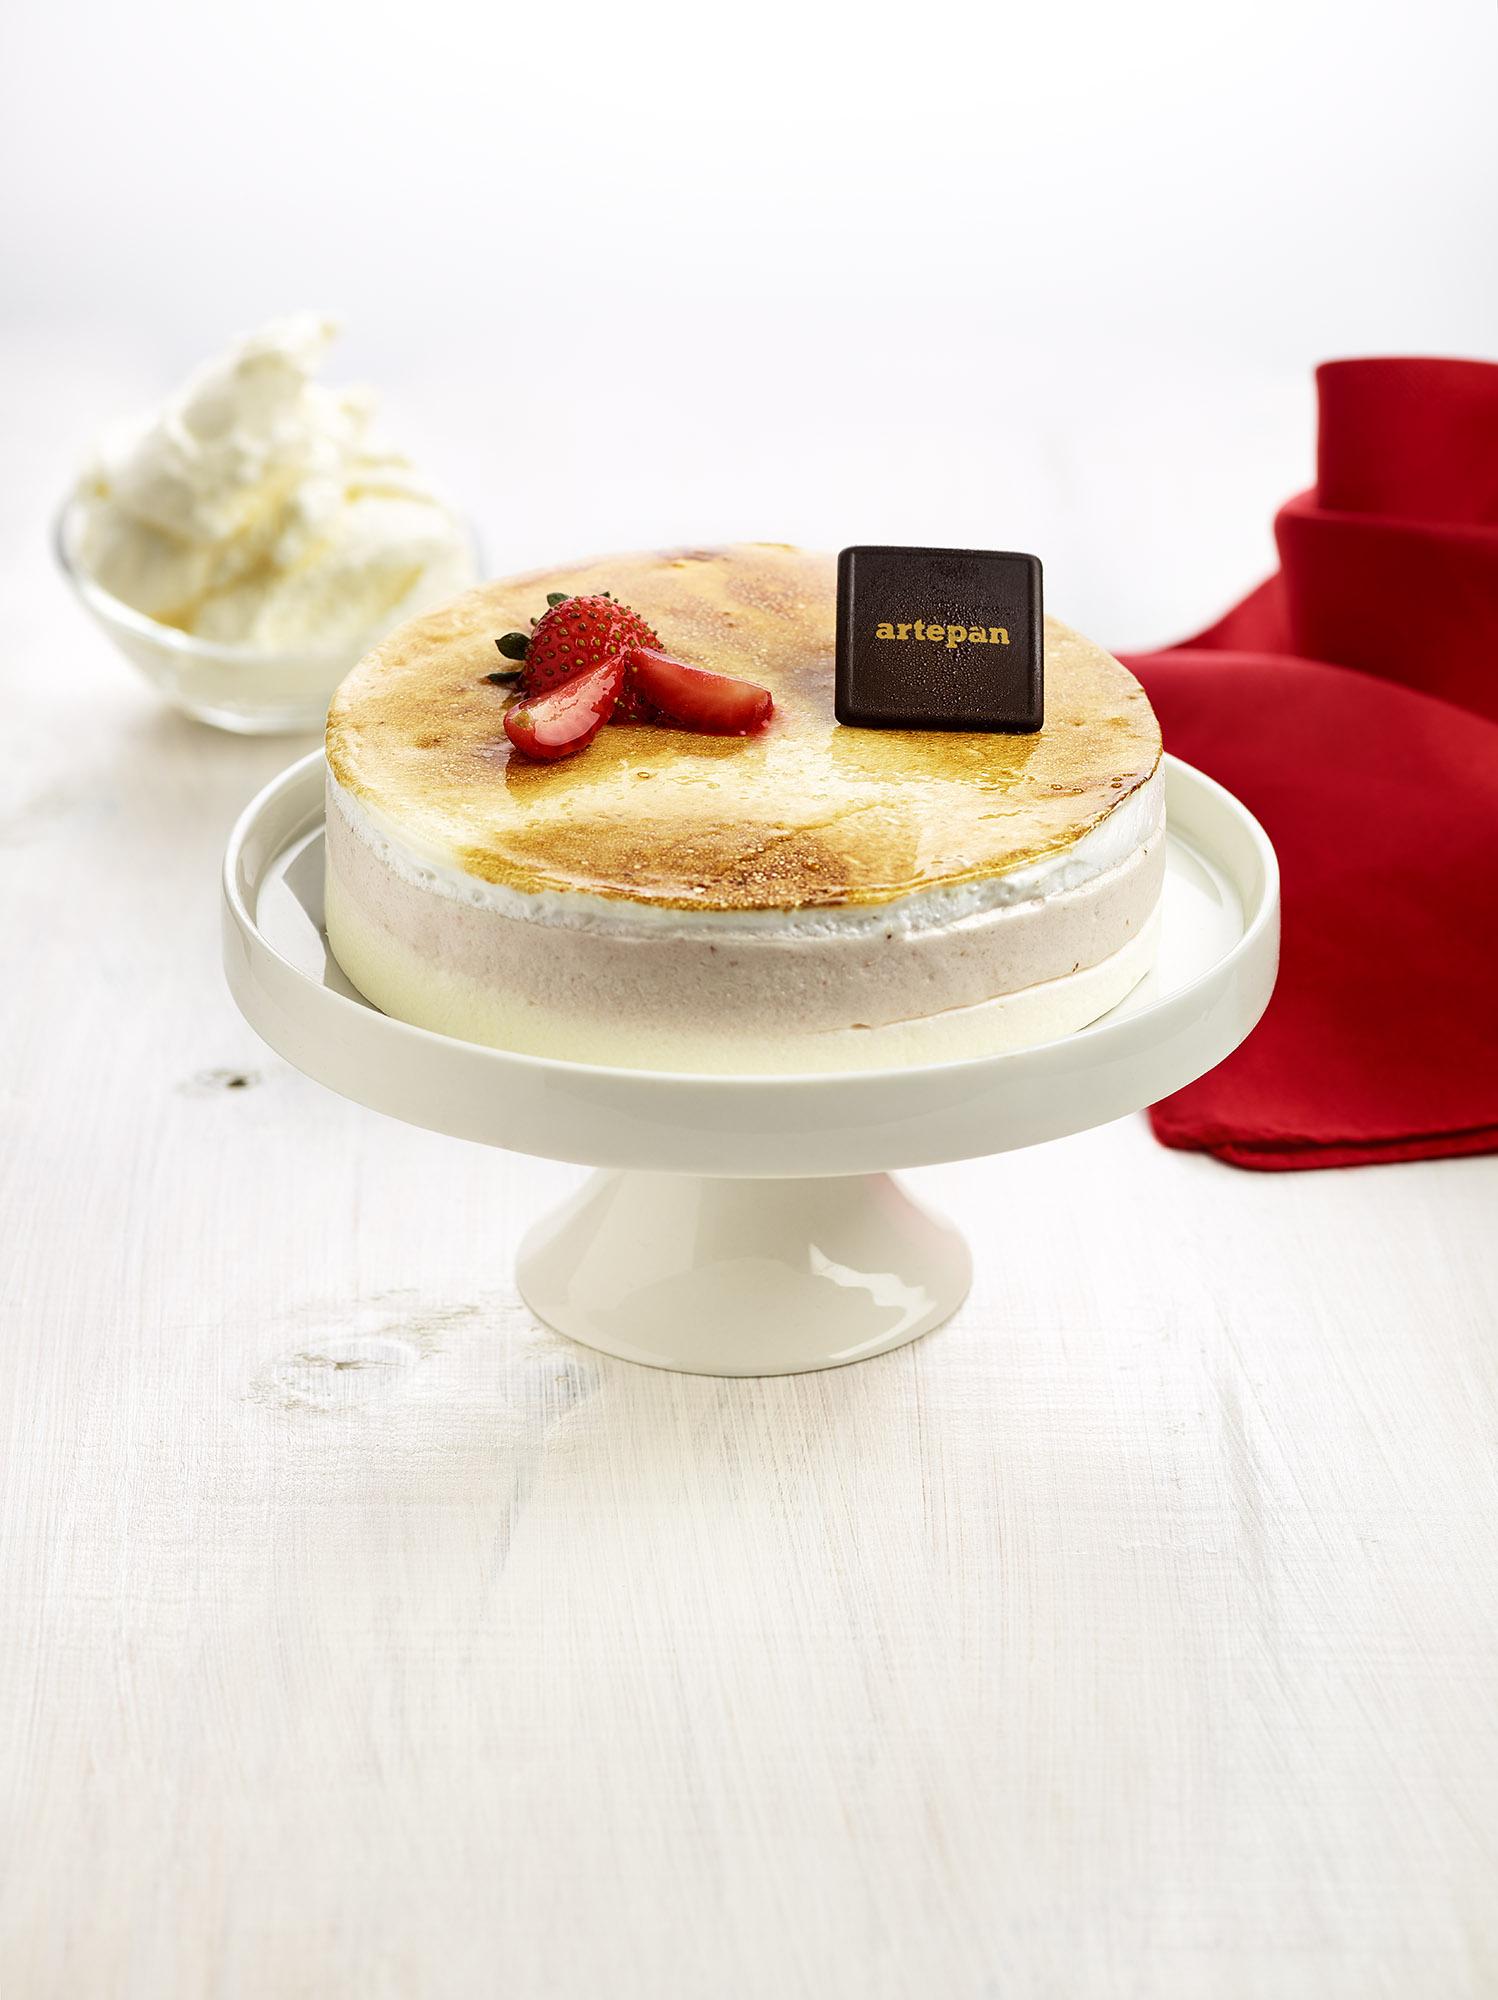 tarta pastelería ARTEPAN 35 ANIVERSARIO erredehierro vitoria Gasteiz navidad confeti dorado oro 35 treintaycinco